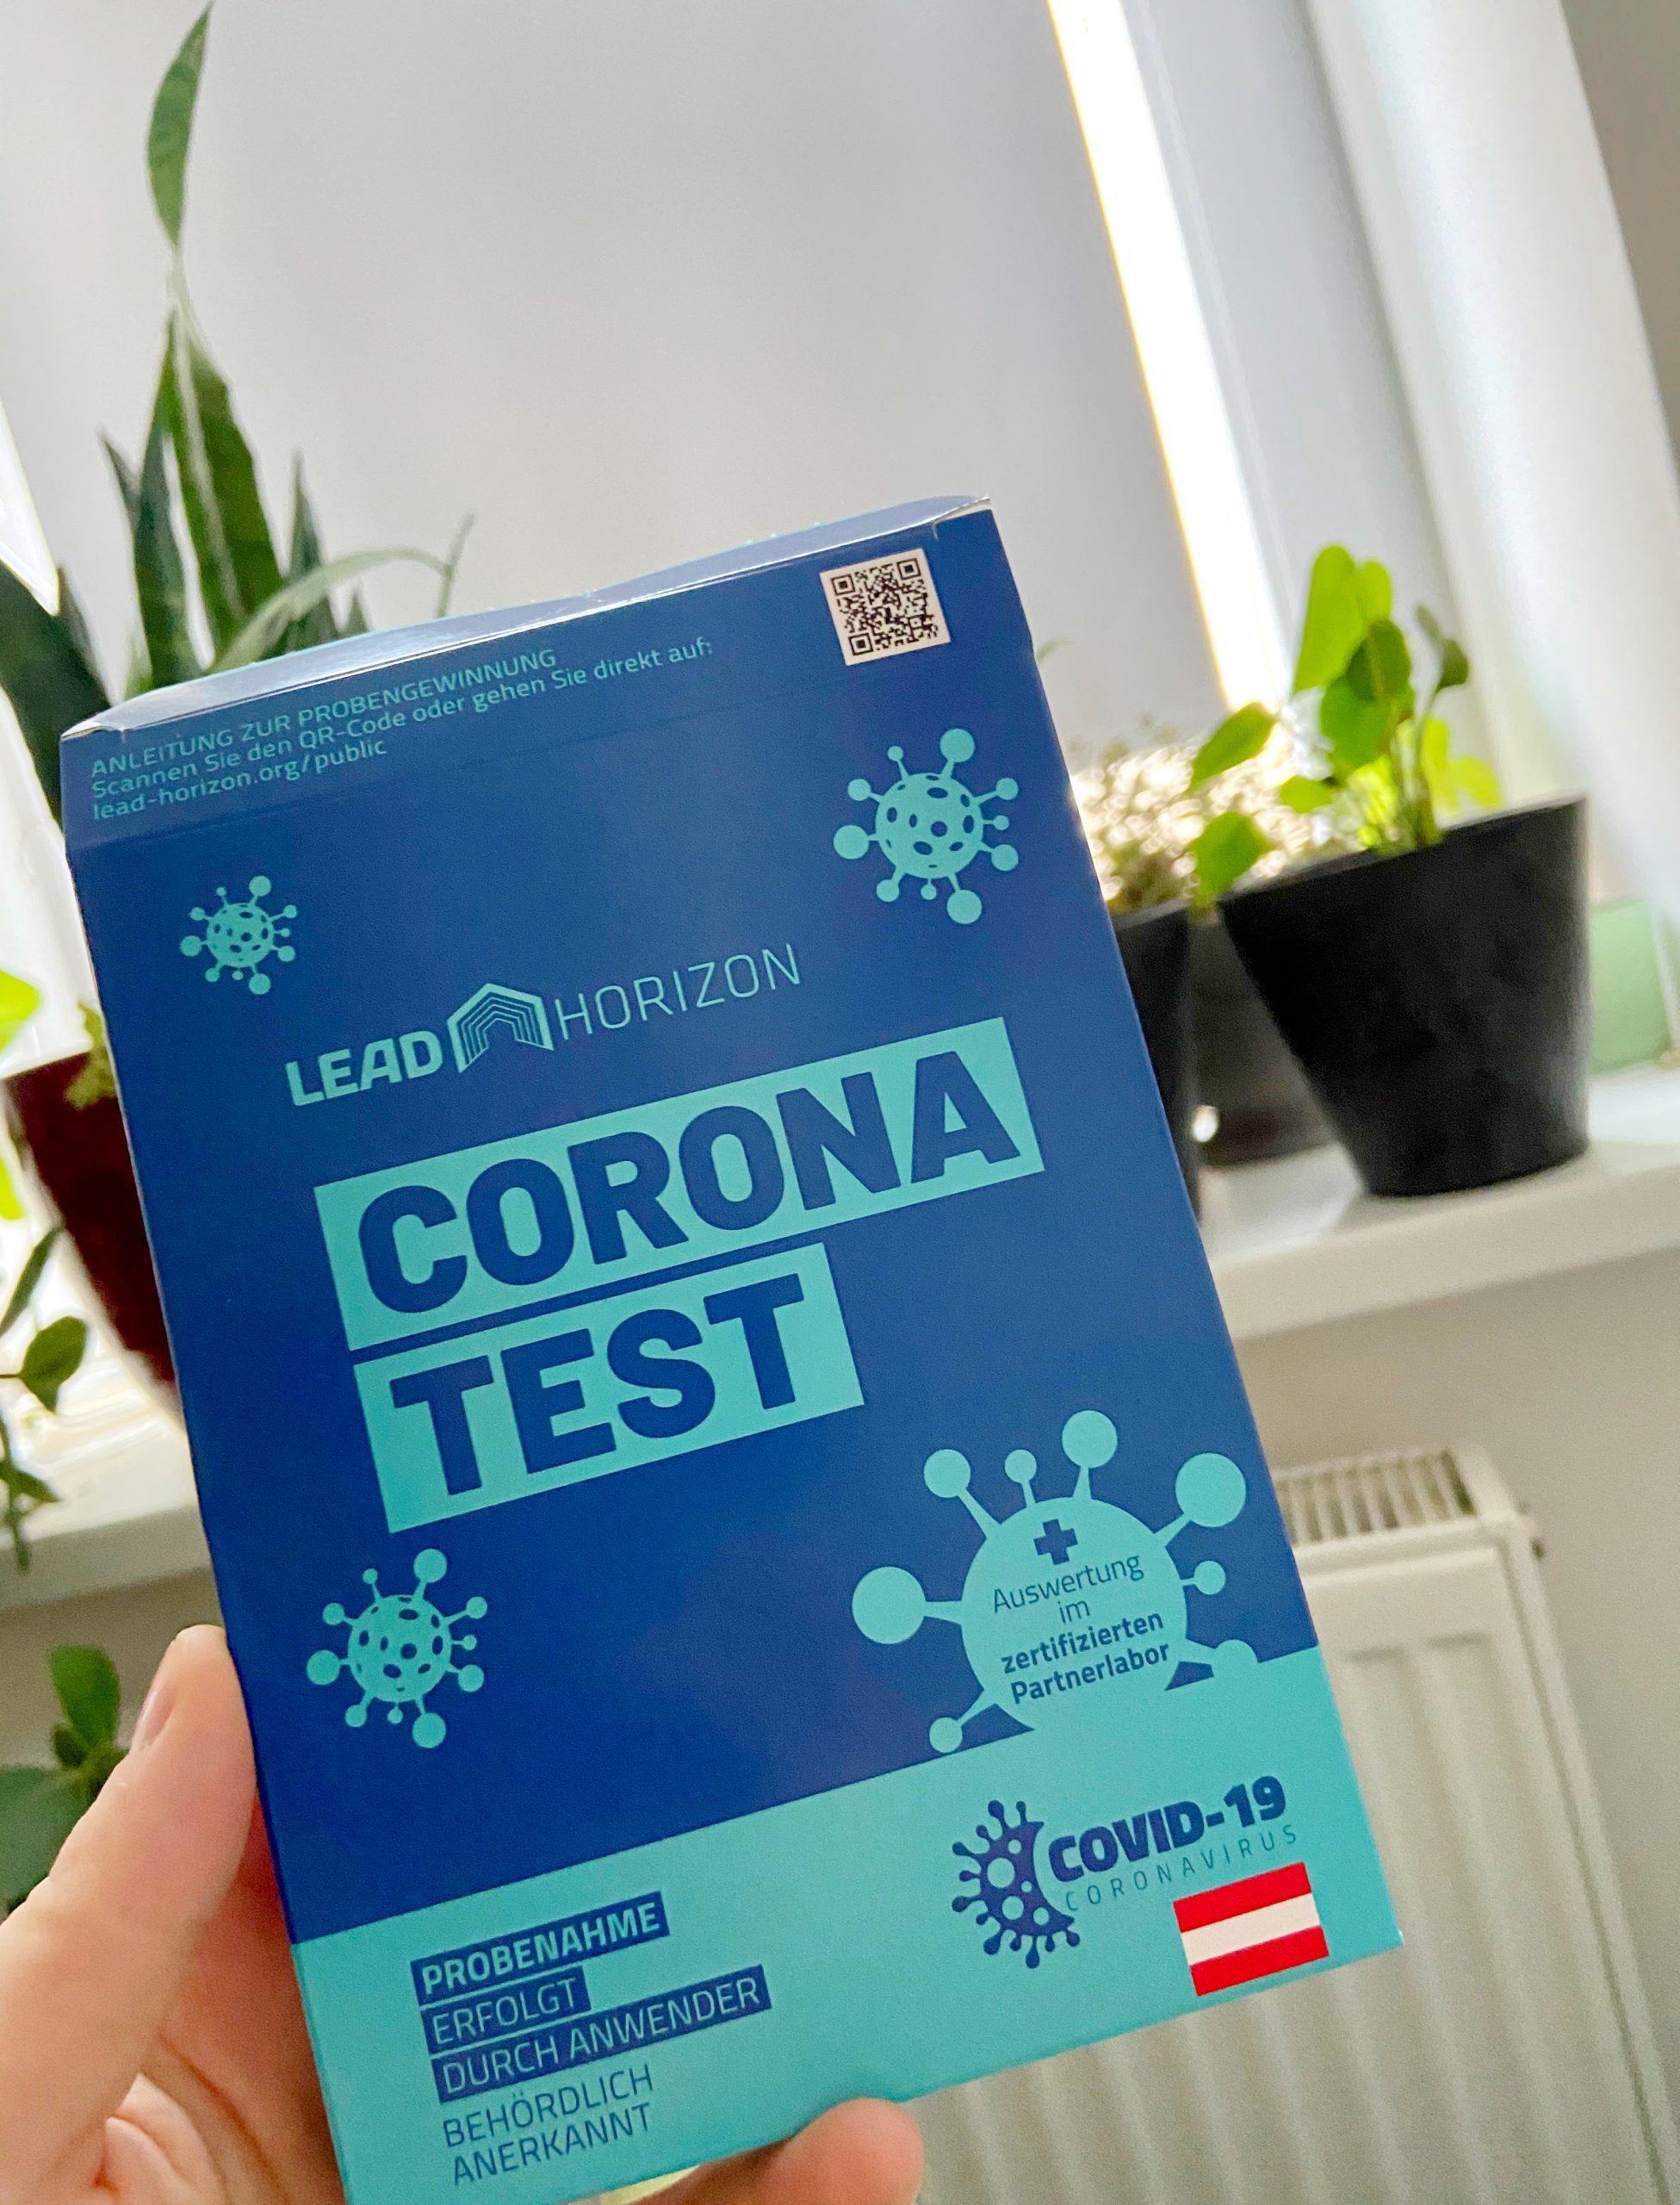 Corona Test - Alles gurgelt